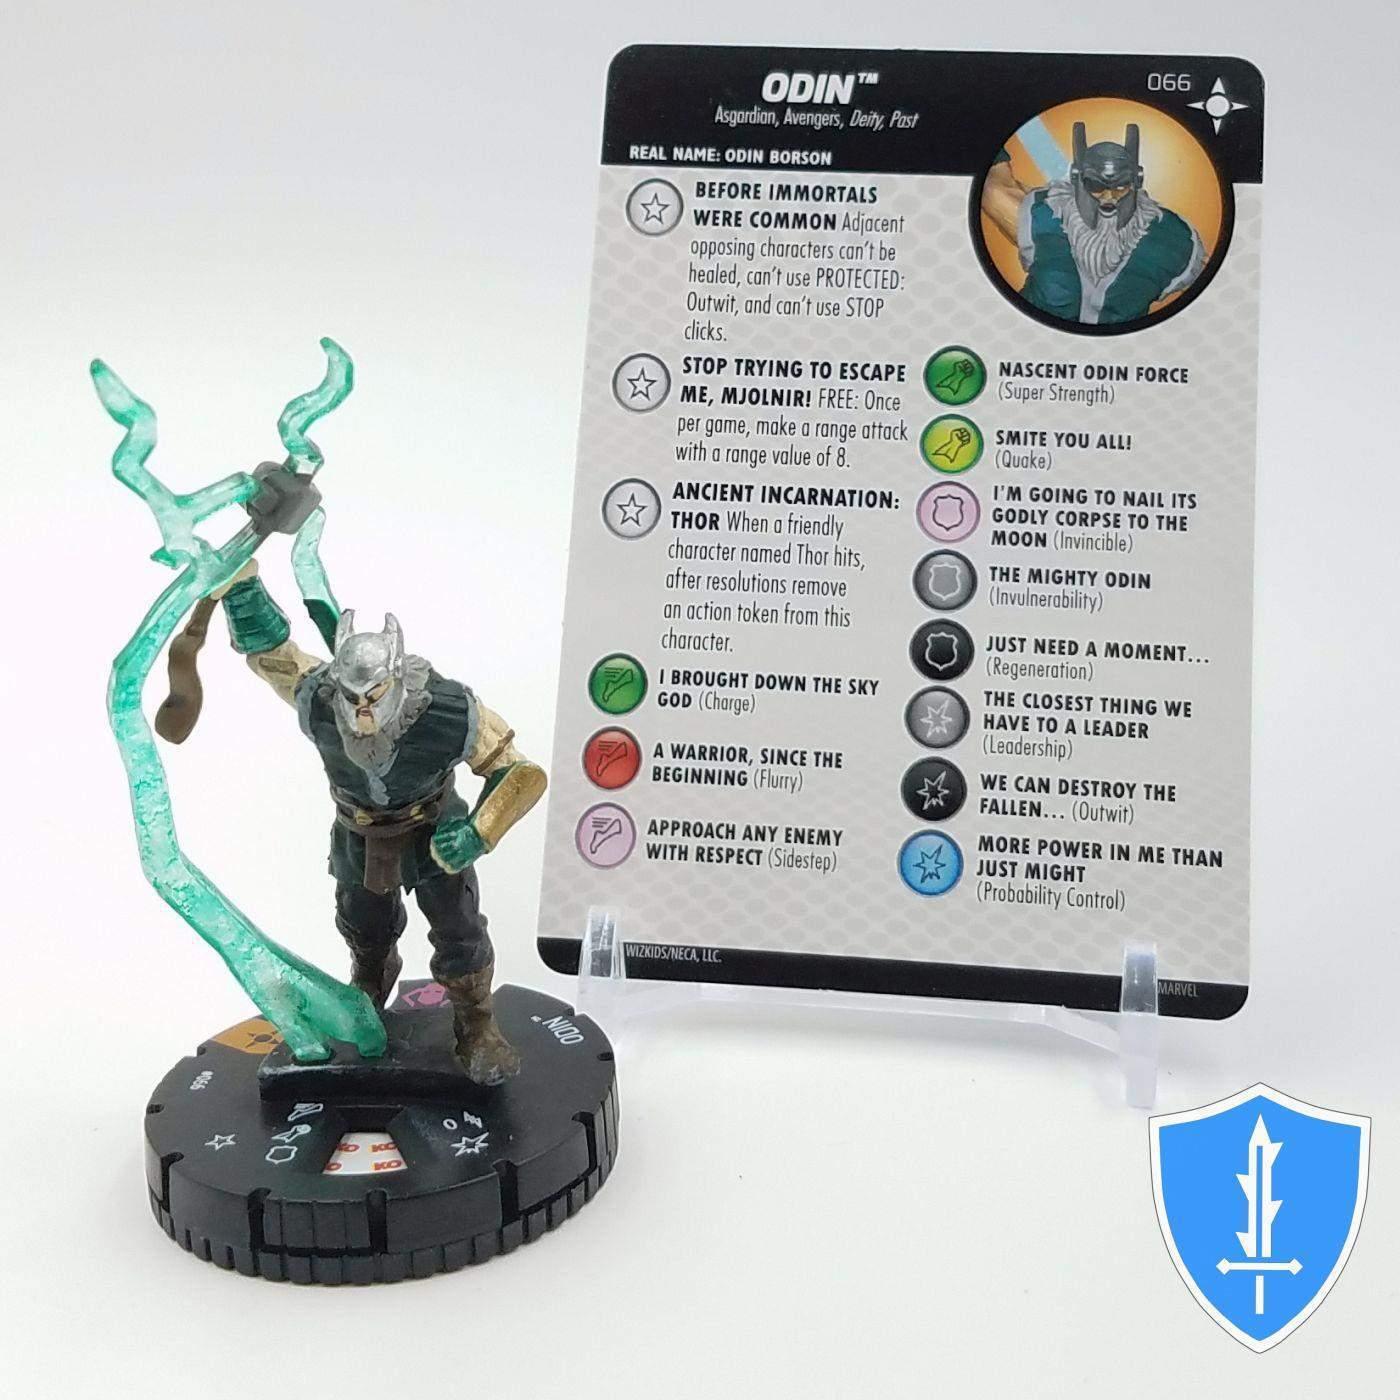 Oden - 066 förundras Secret Wars slåssvärld HeroClix Chase